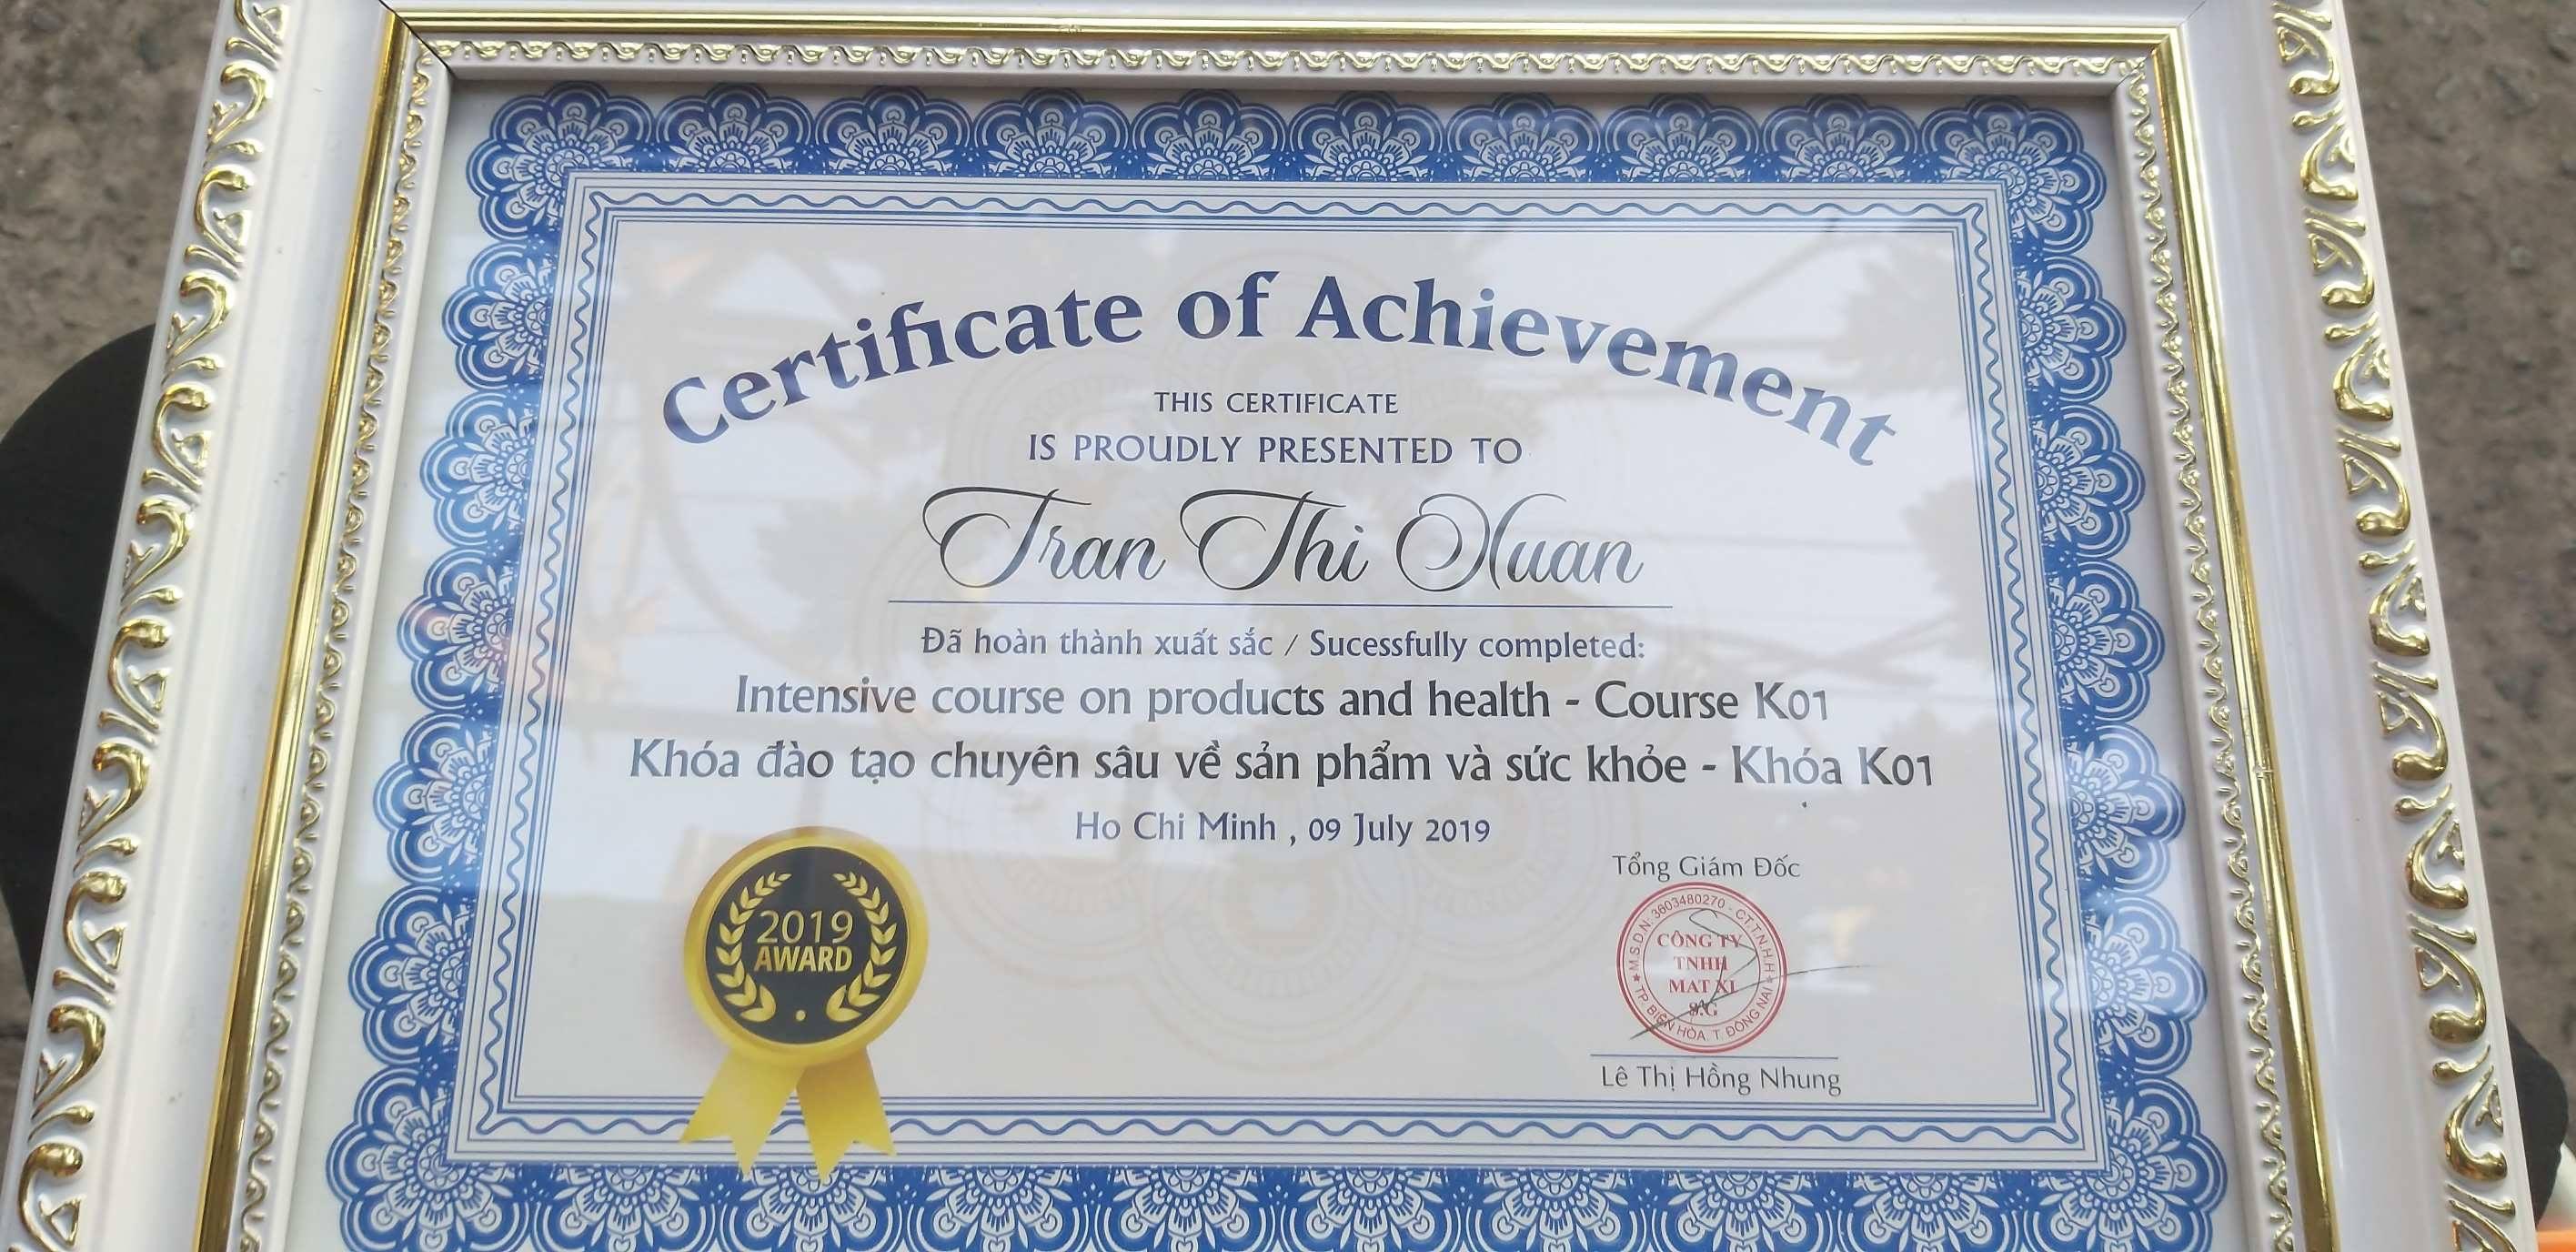 dai ly phan phoi vien uong giam can Go detox va tra nu hoa thai doc detox fresh every day và Kem tan mo Goslim khu vuc thanh Pho Ho Chi Minh